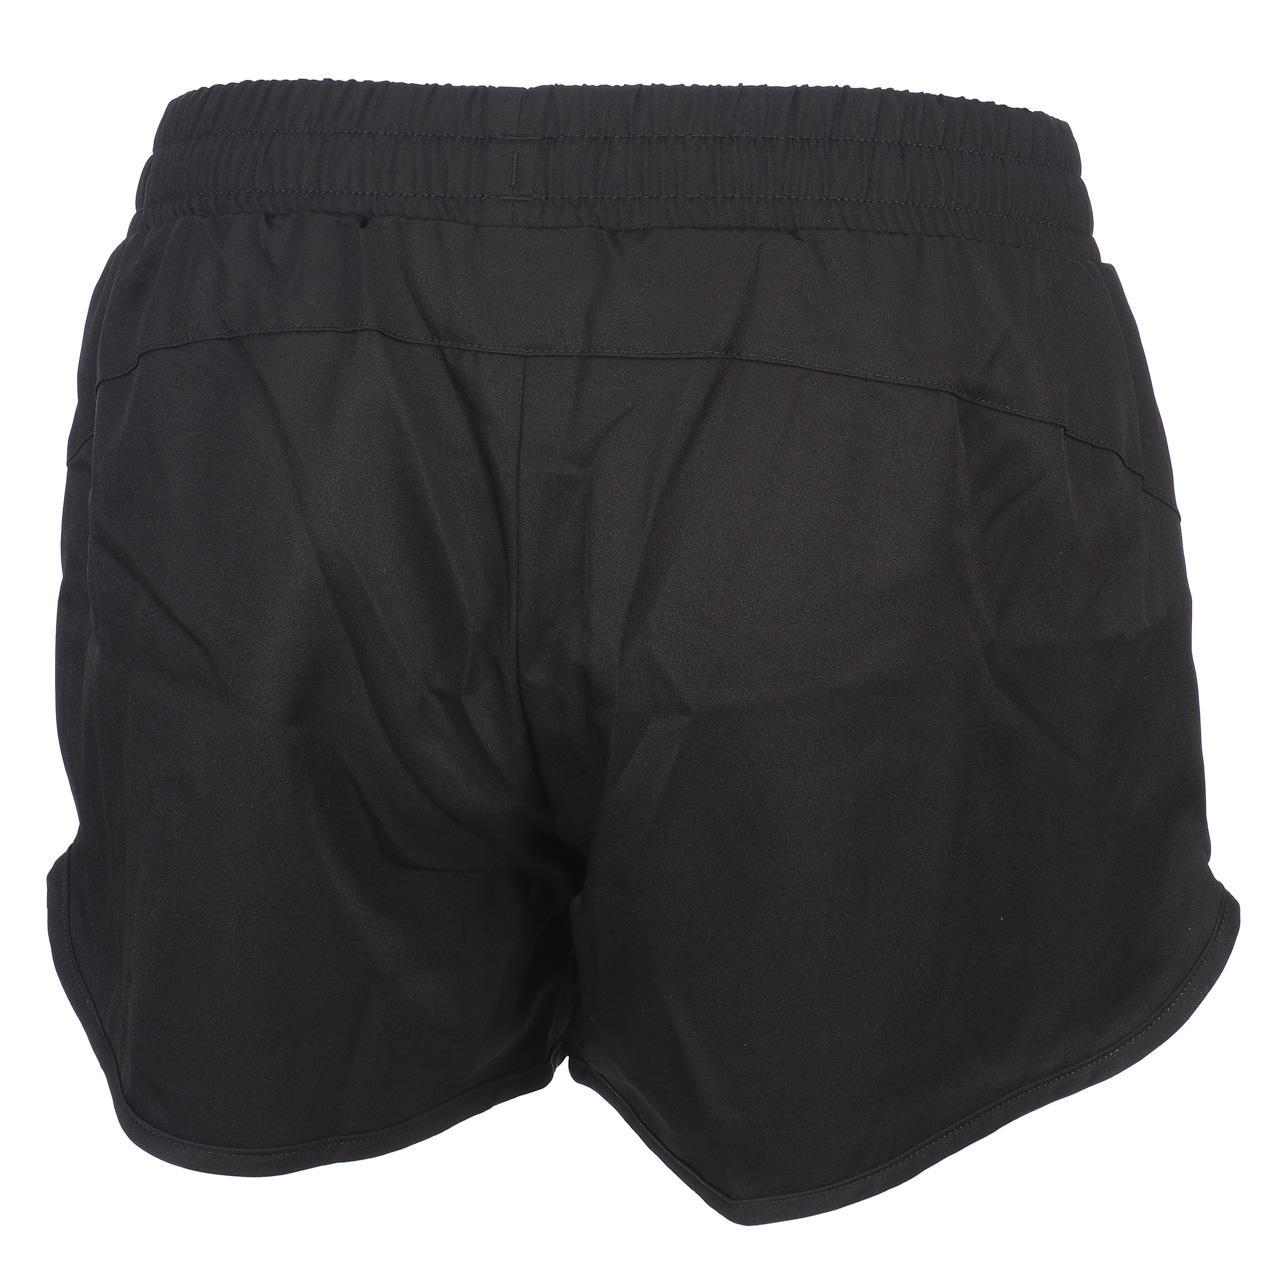 Frau-Shorts-Puma-Active-Woven-Shorts-Blk-L-Schwarz-13011-Neu Indexbild 4